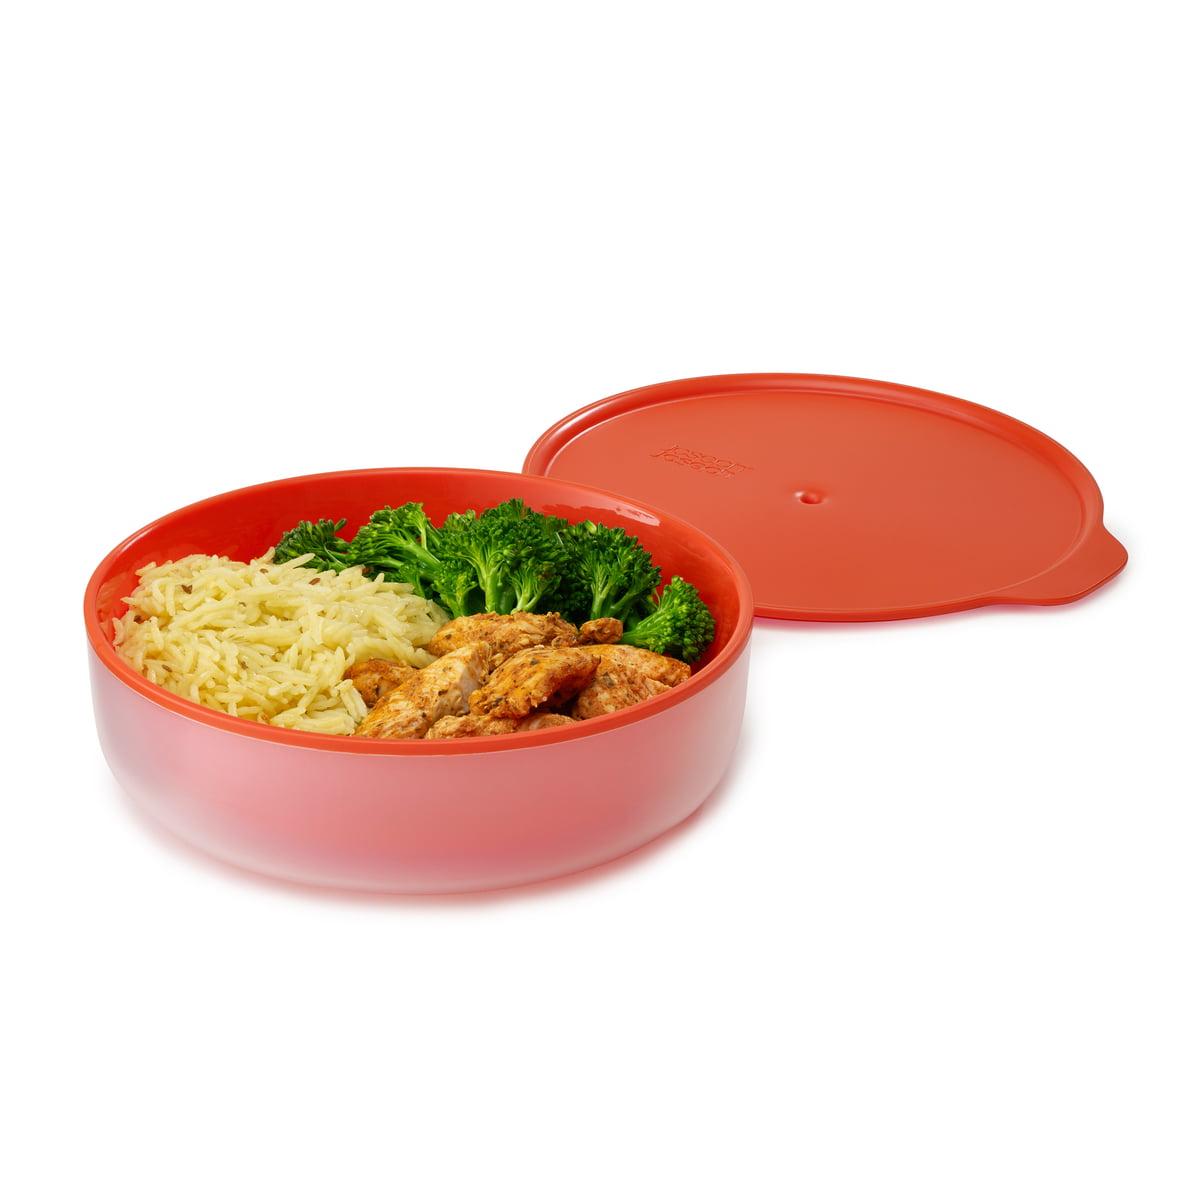 Assiette pour micro ondes de joseph joseph for Assiette cuisine